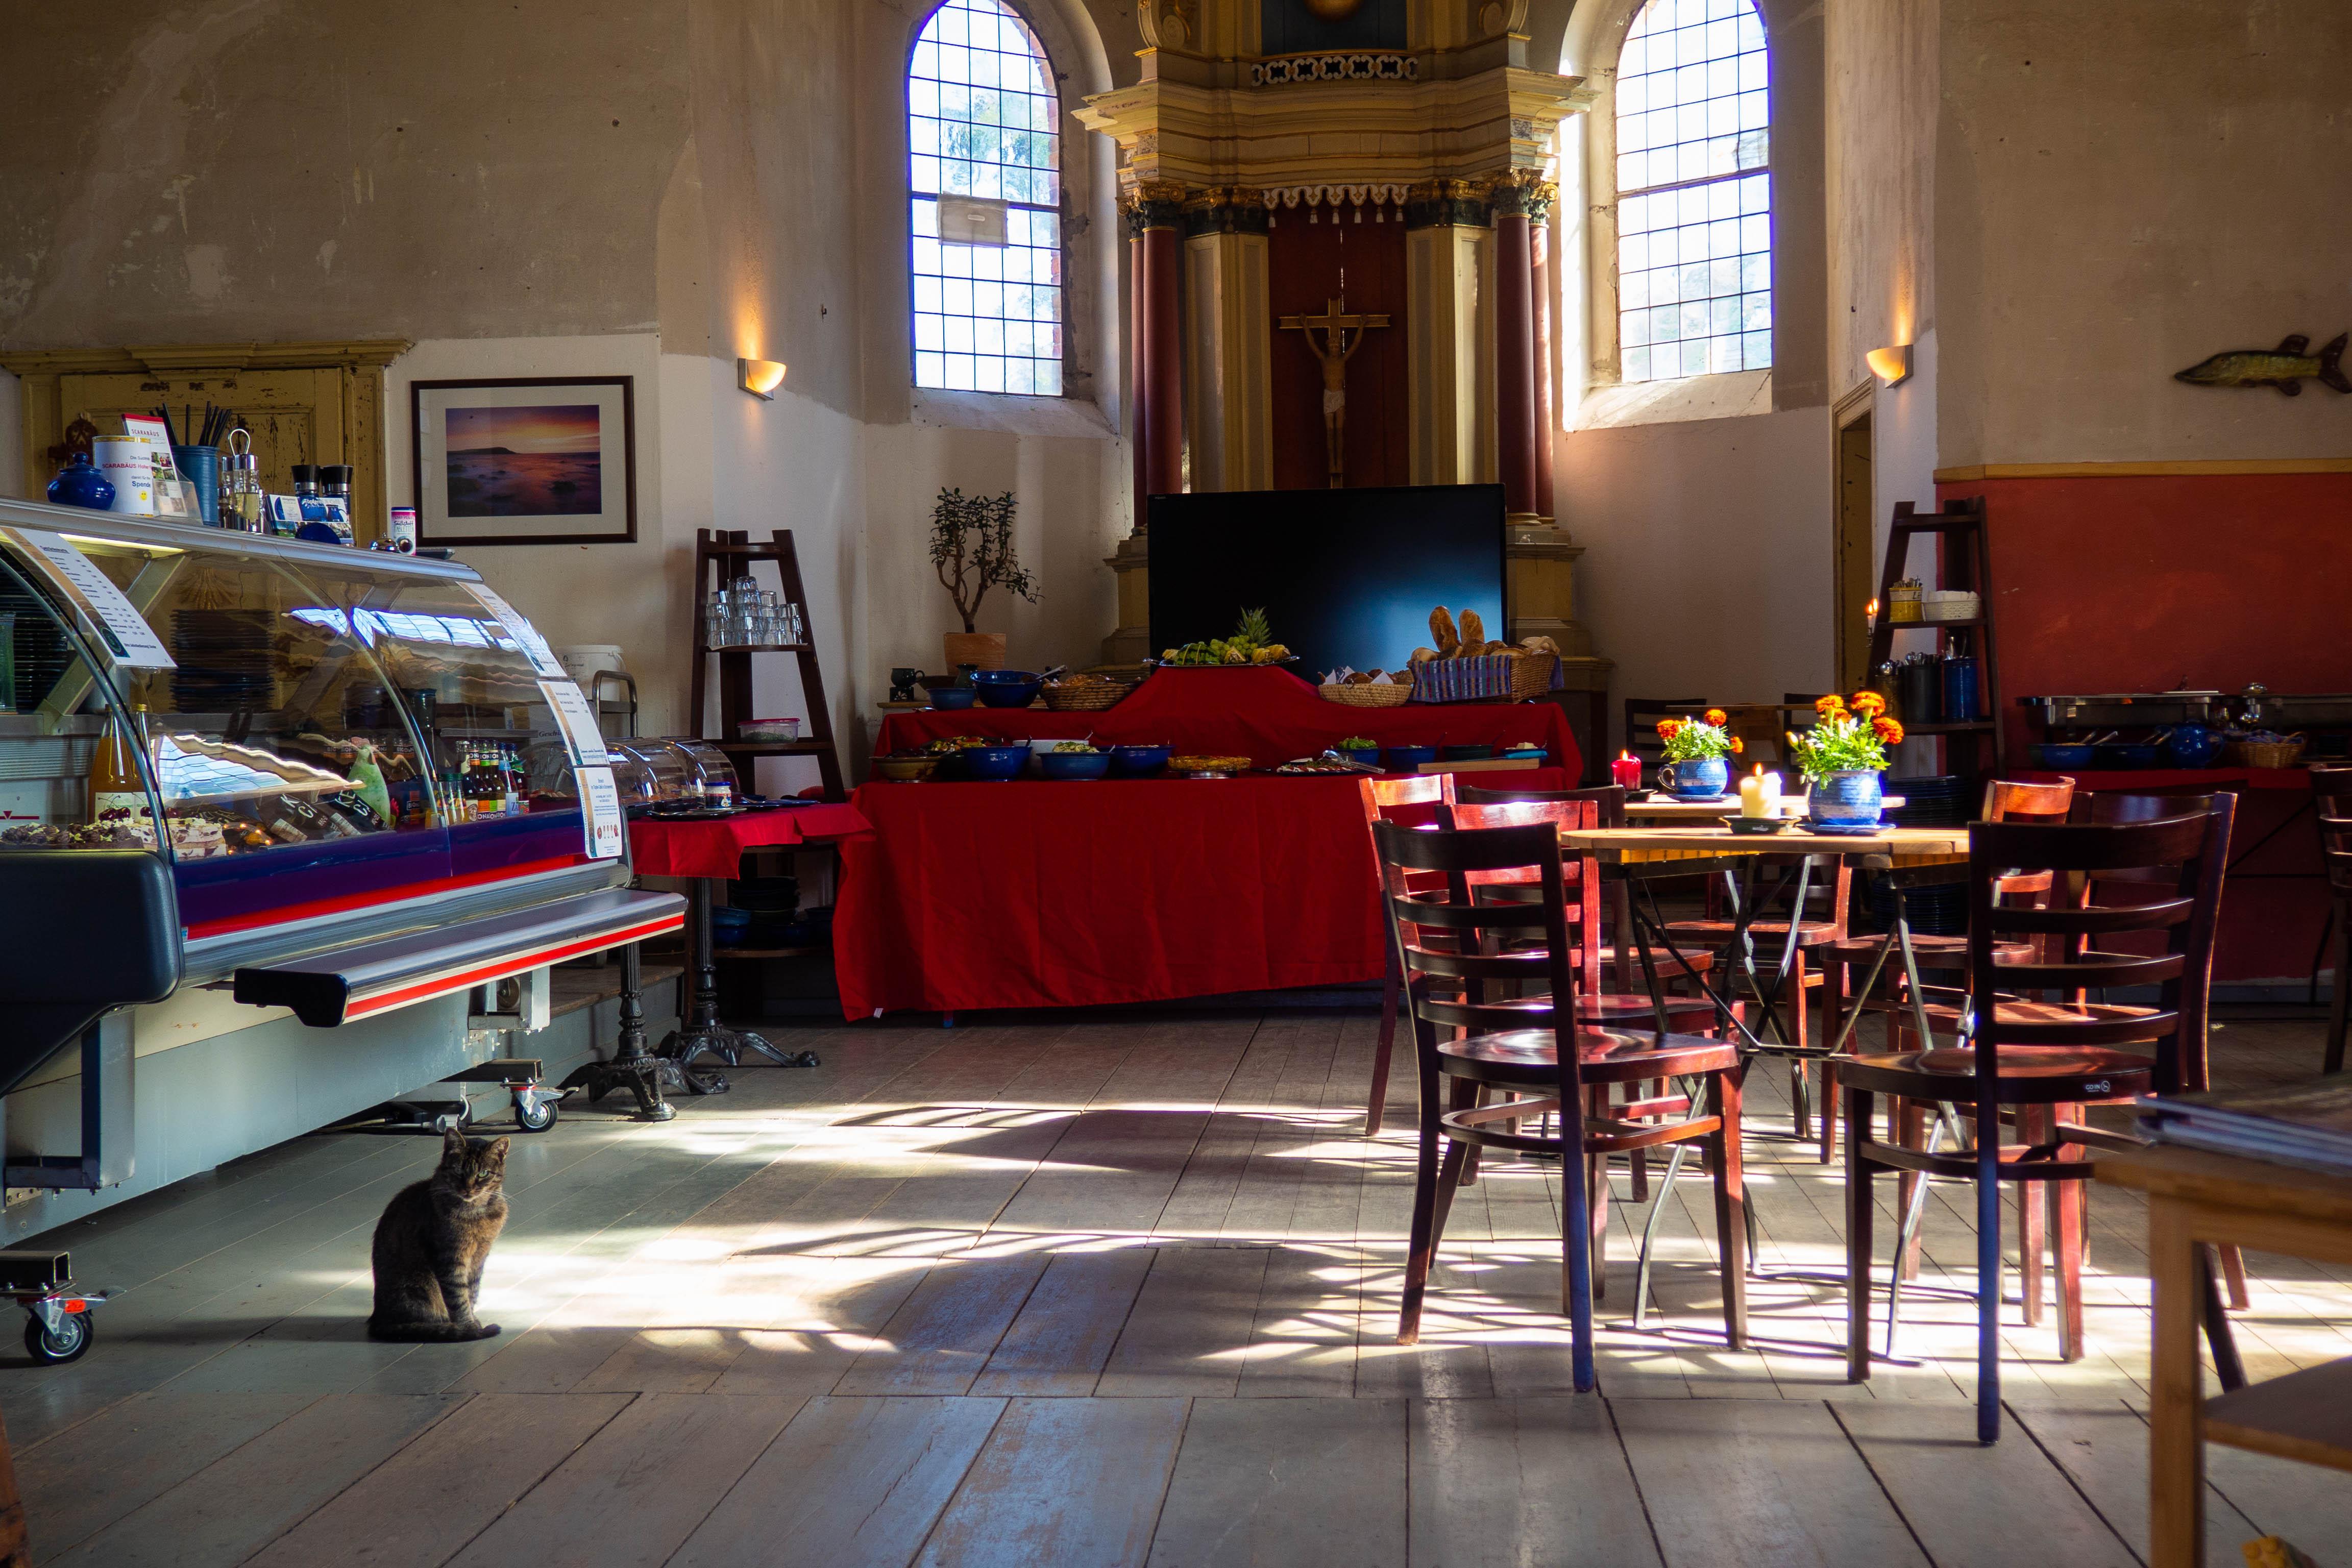 Besondere Ausflugsziele im Fläming - Das Töpfercafé in Schmerwitz